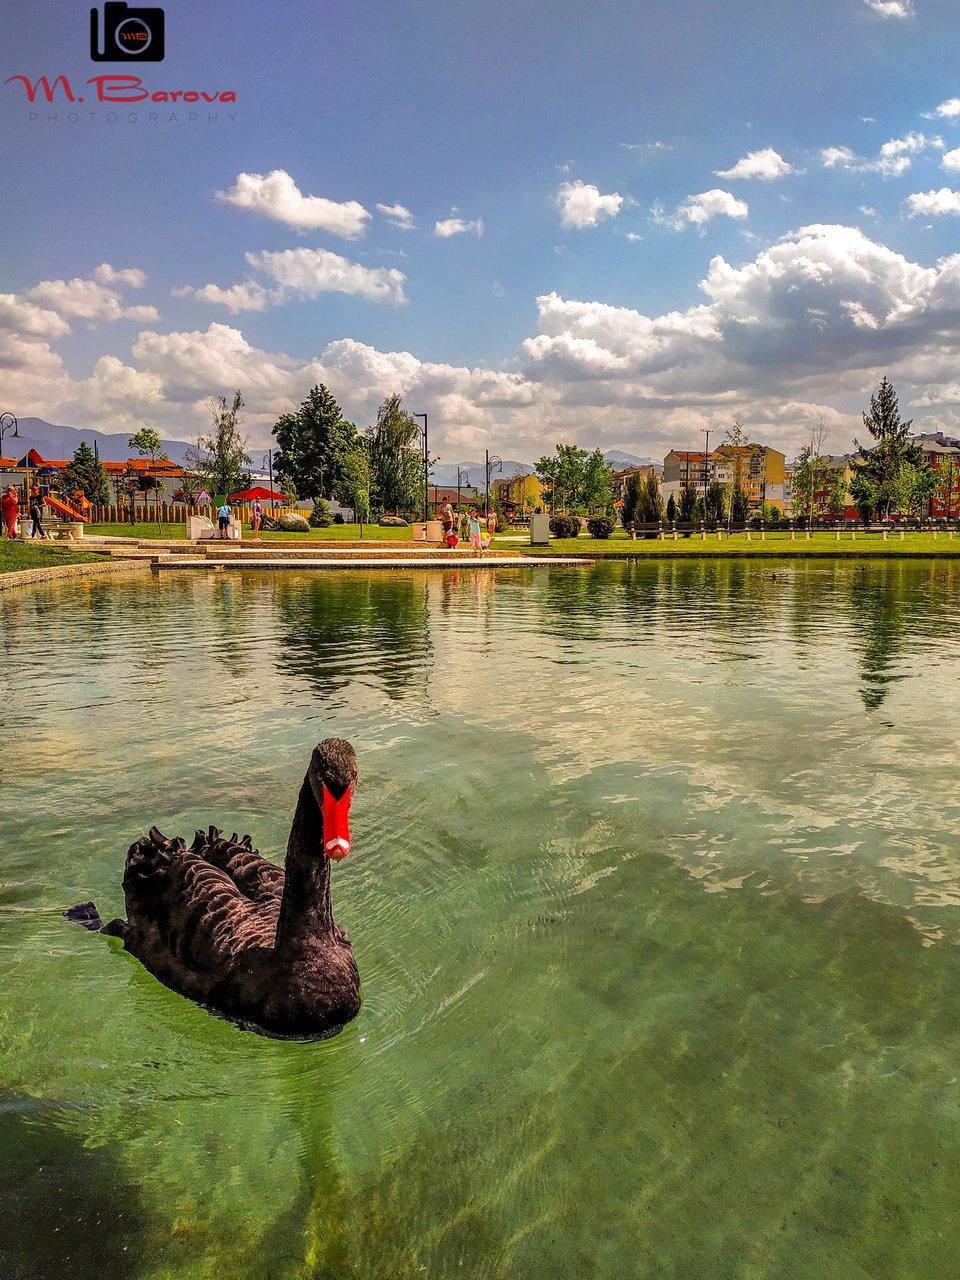 Лебеди от МАРЧЕЛА БАРОВА - mar4